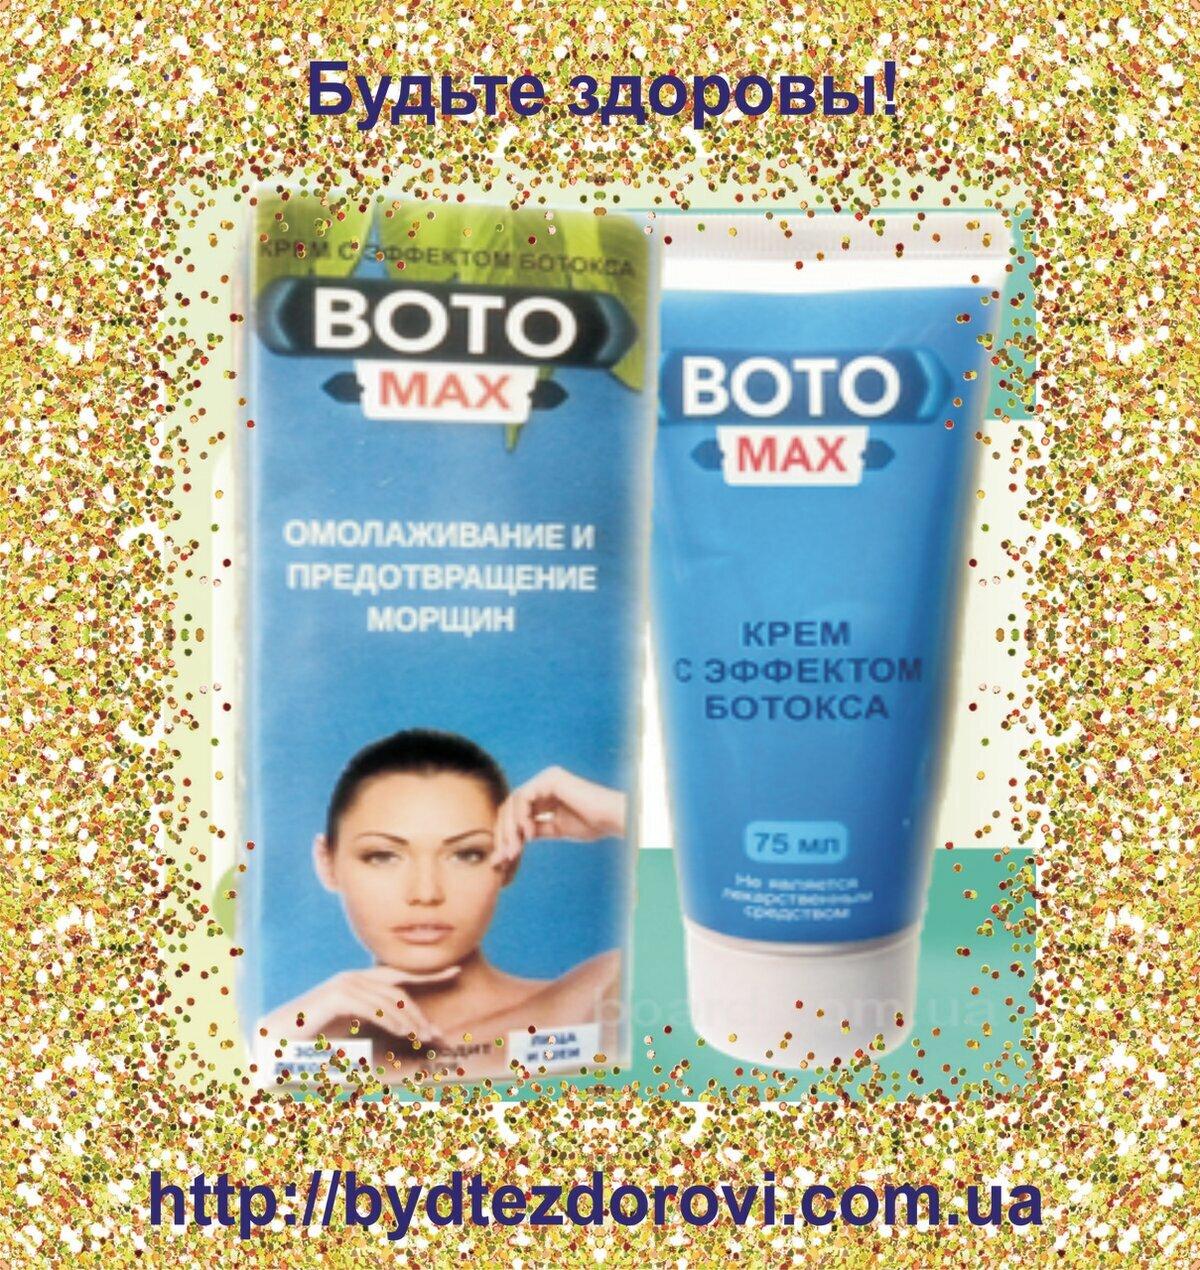 BOTO MAX - крем-спрей с эффектом ботокса в Мамадыше